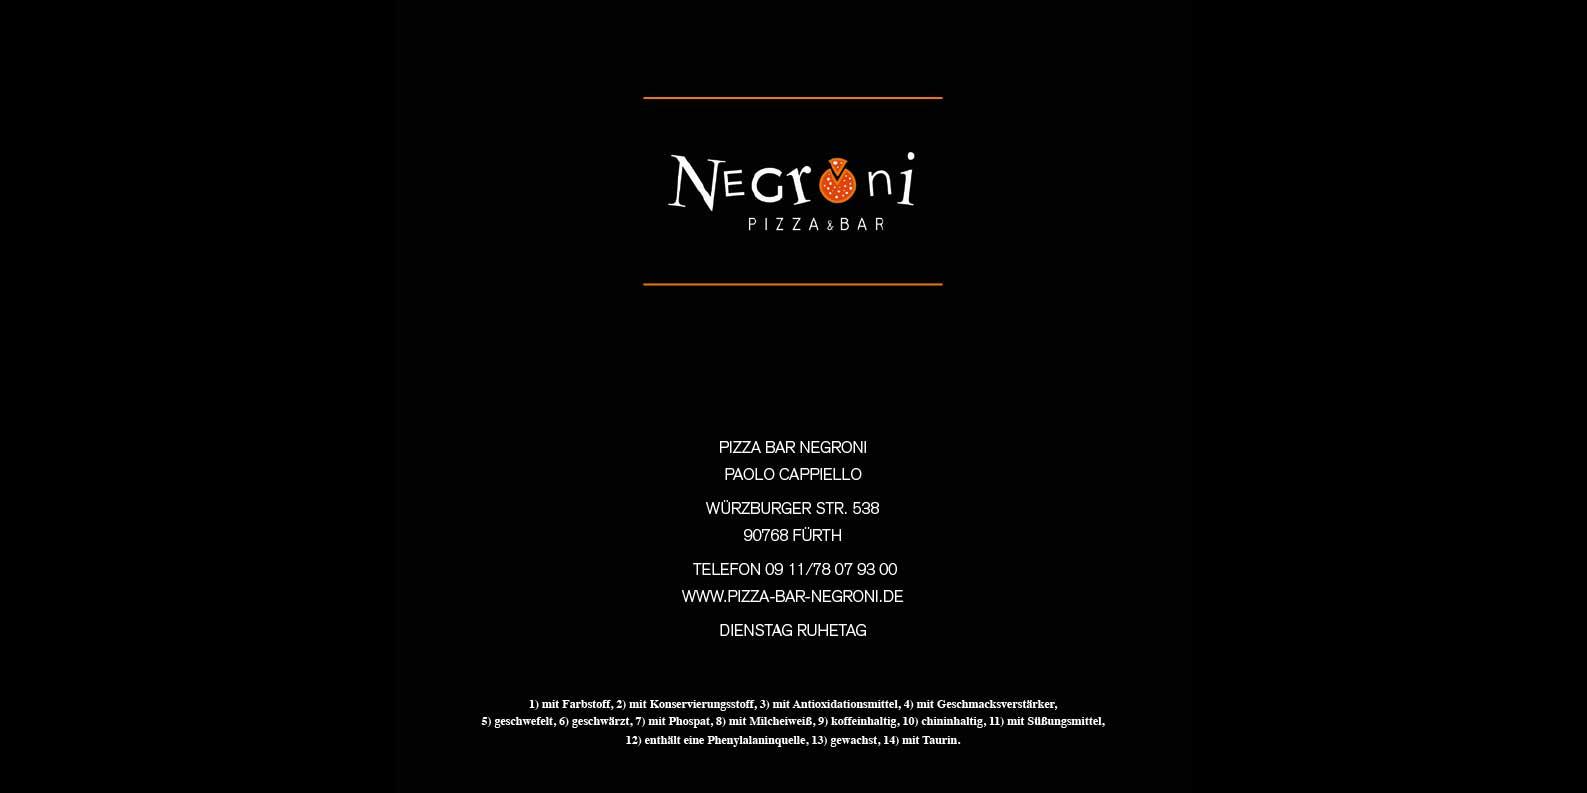 Negroni_Karte_07b